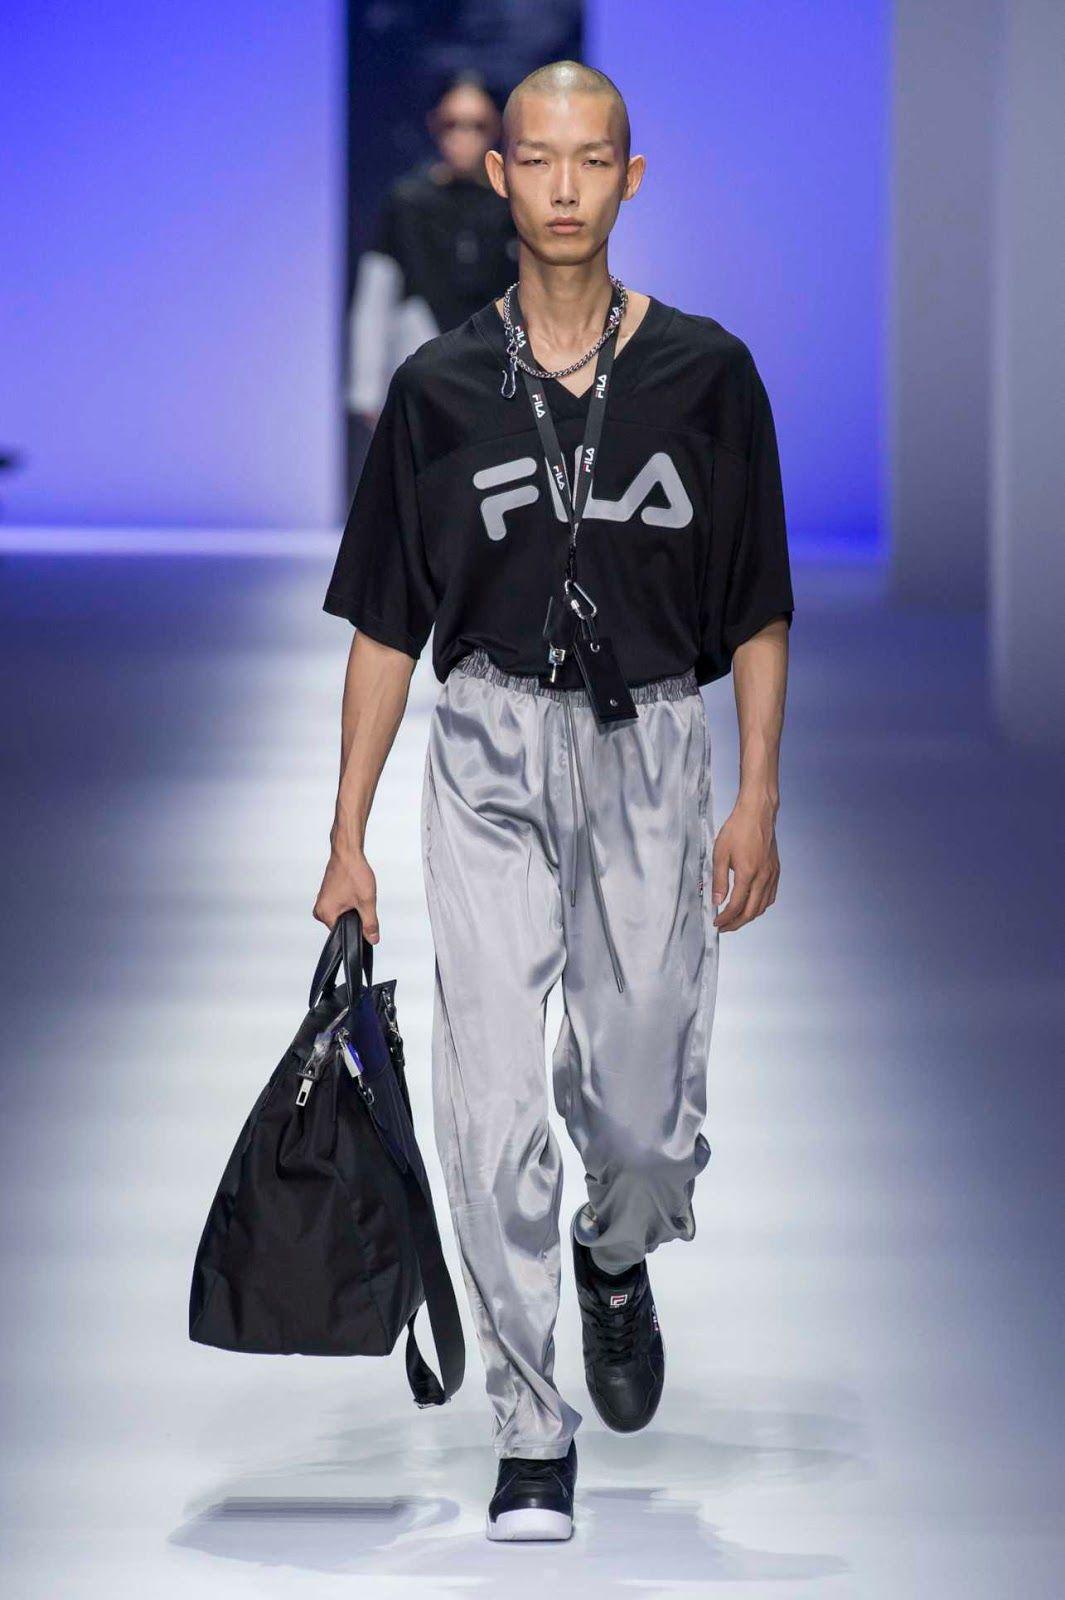 Fila Spring-Summer 2019 Runway Show | Fila | Fashion, Spring ...